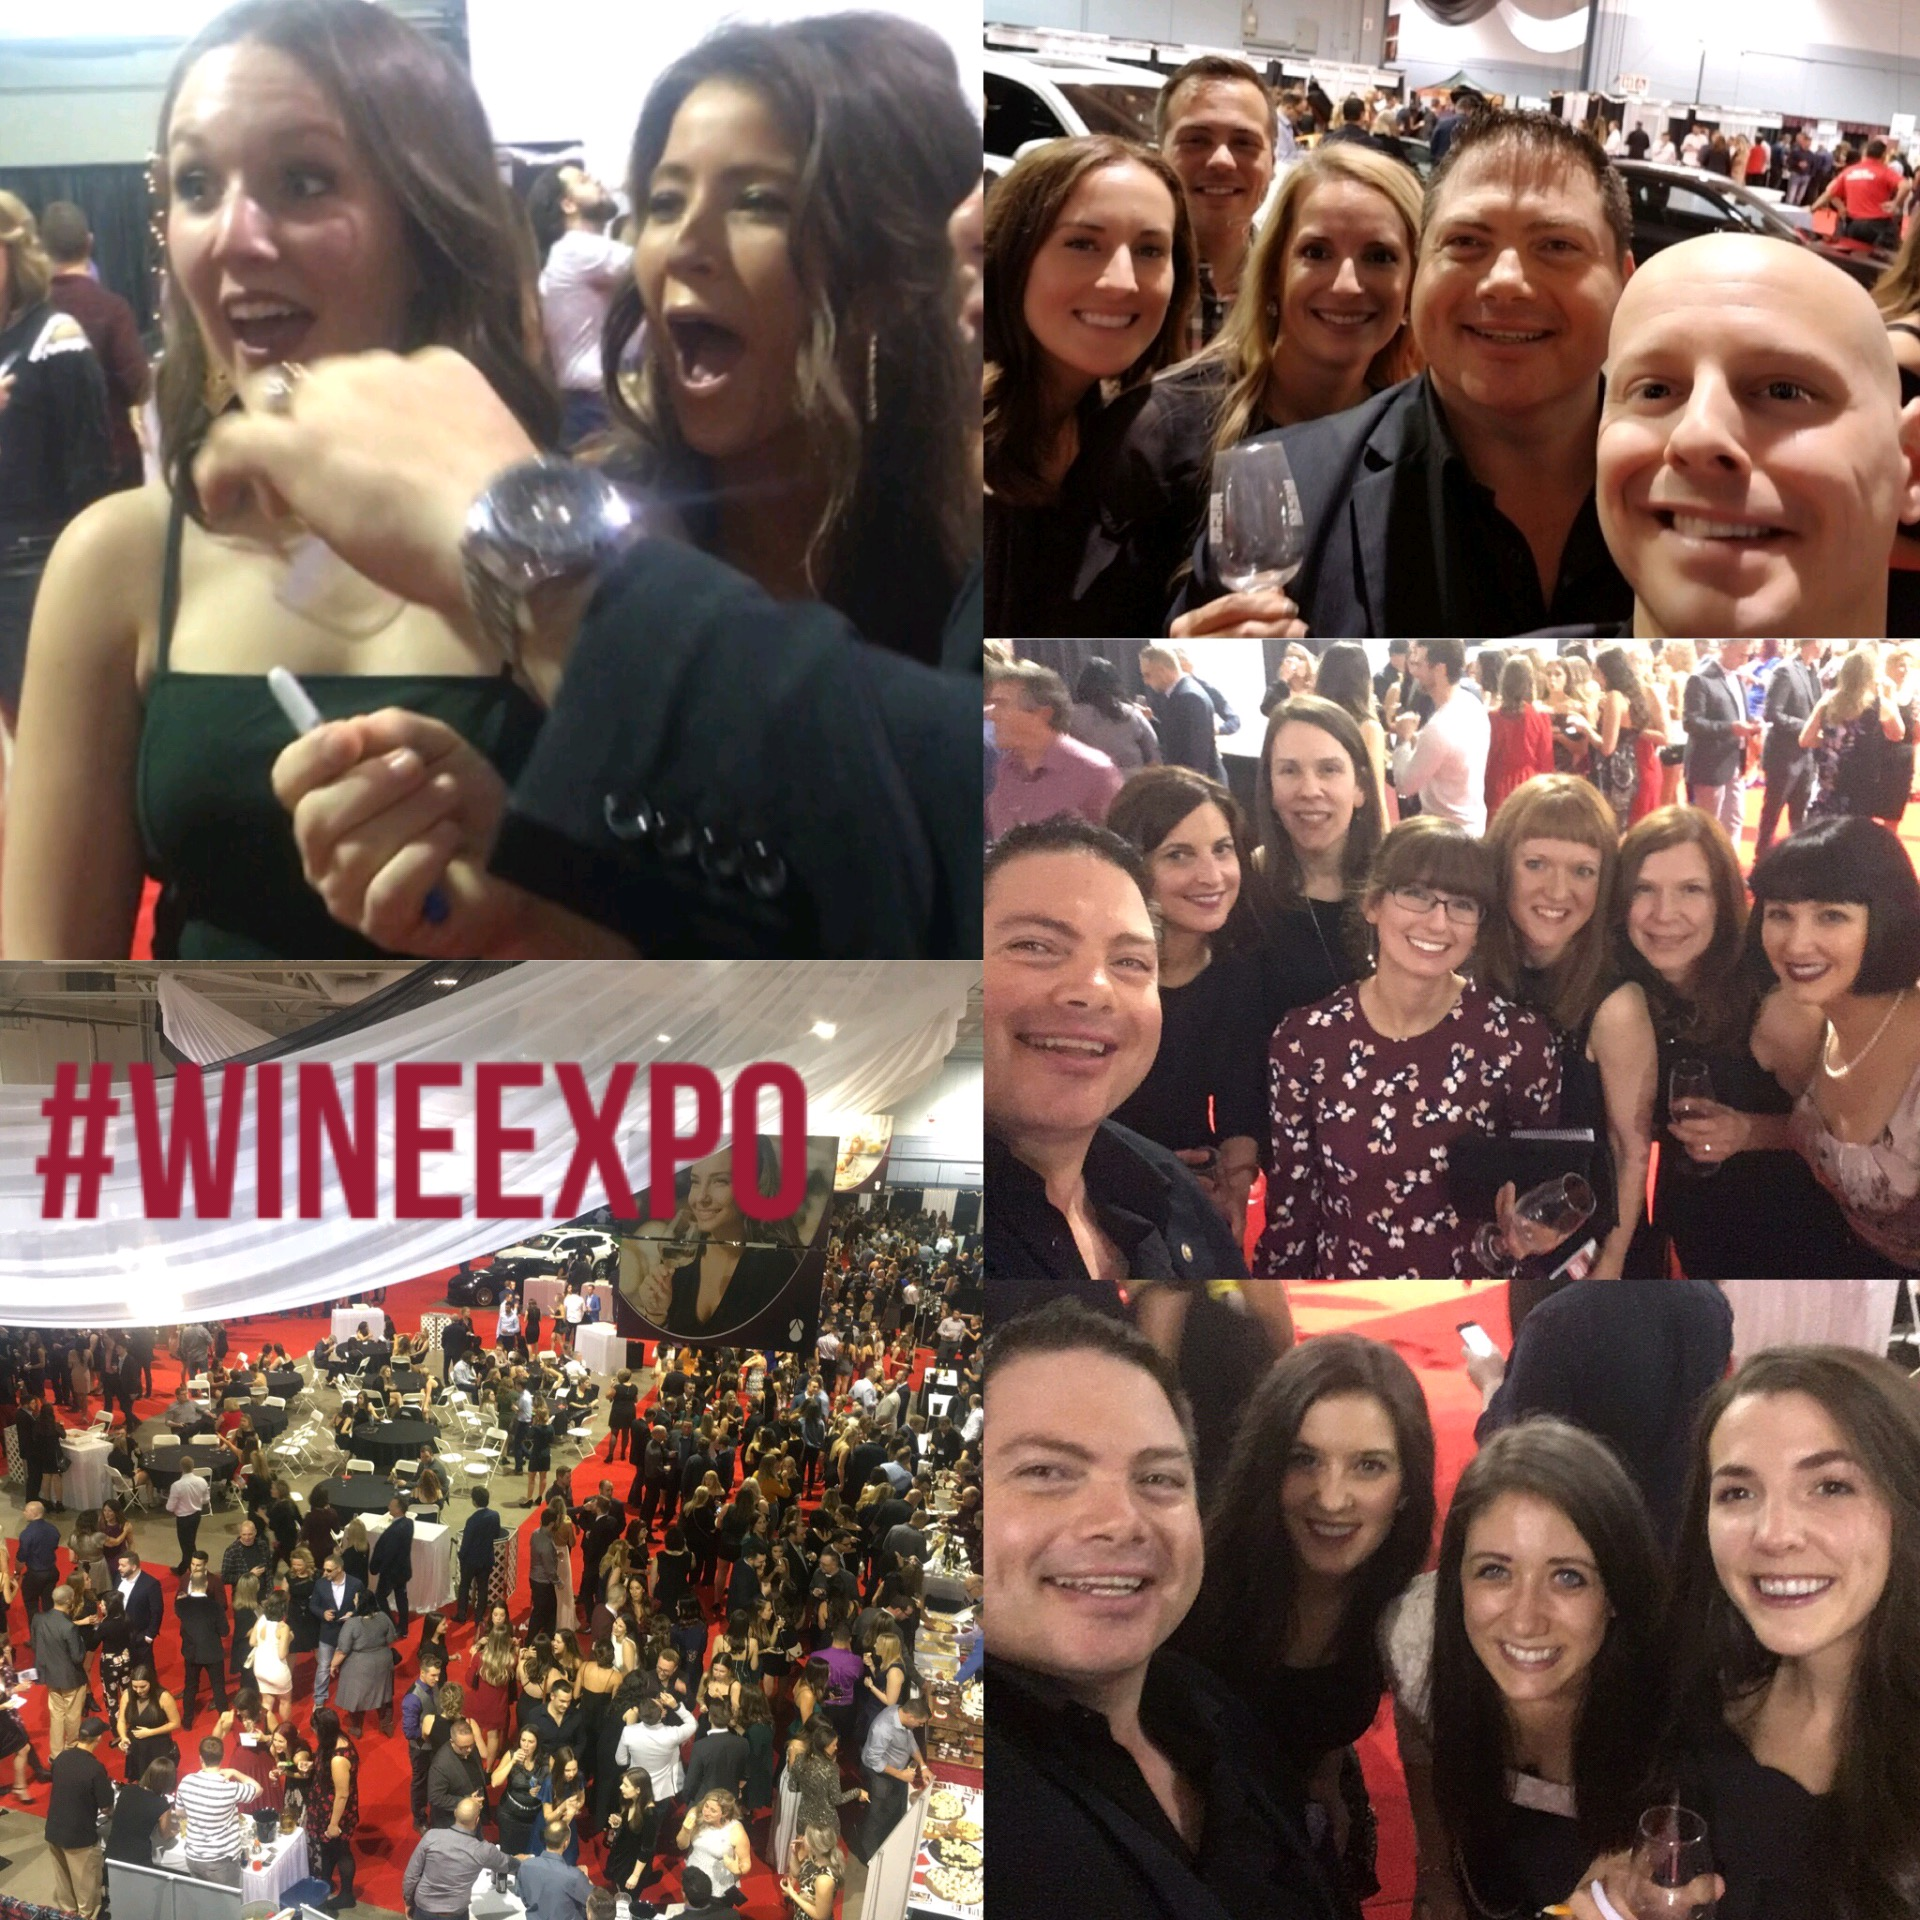 #WINEEXPO